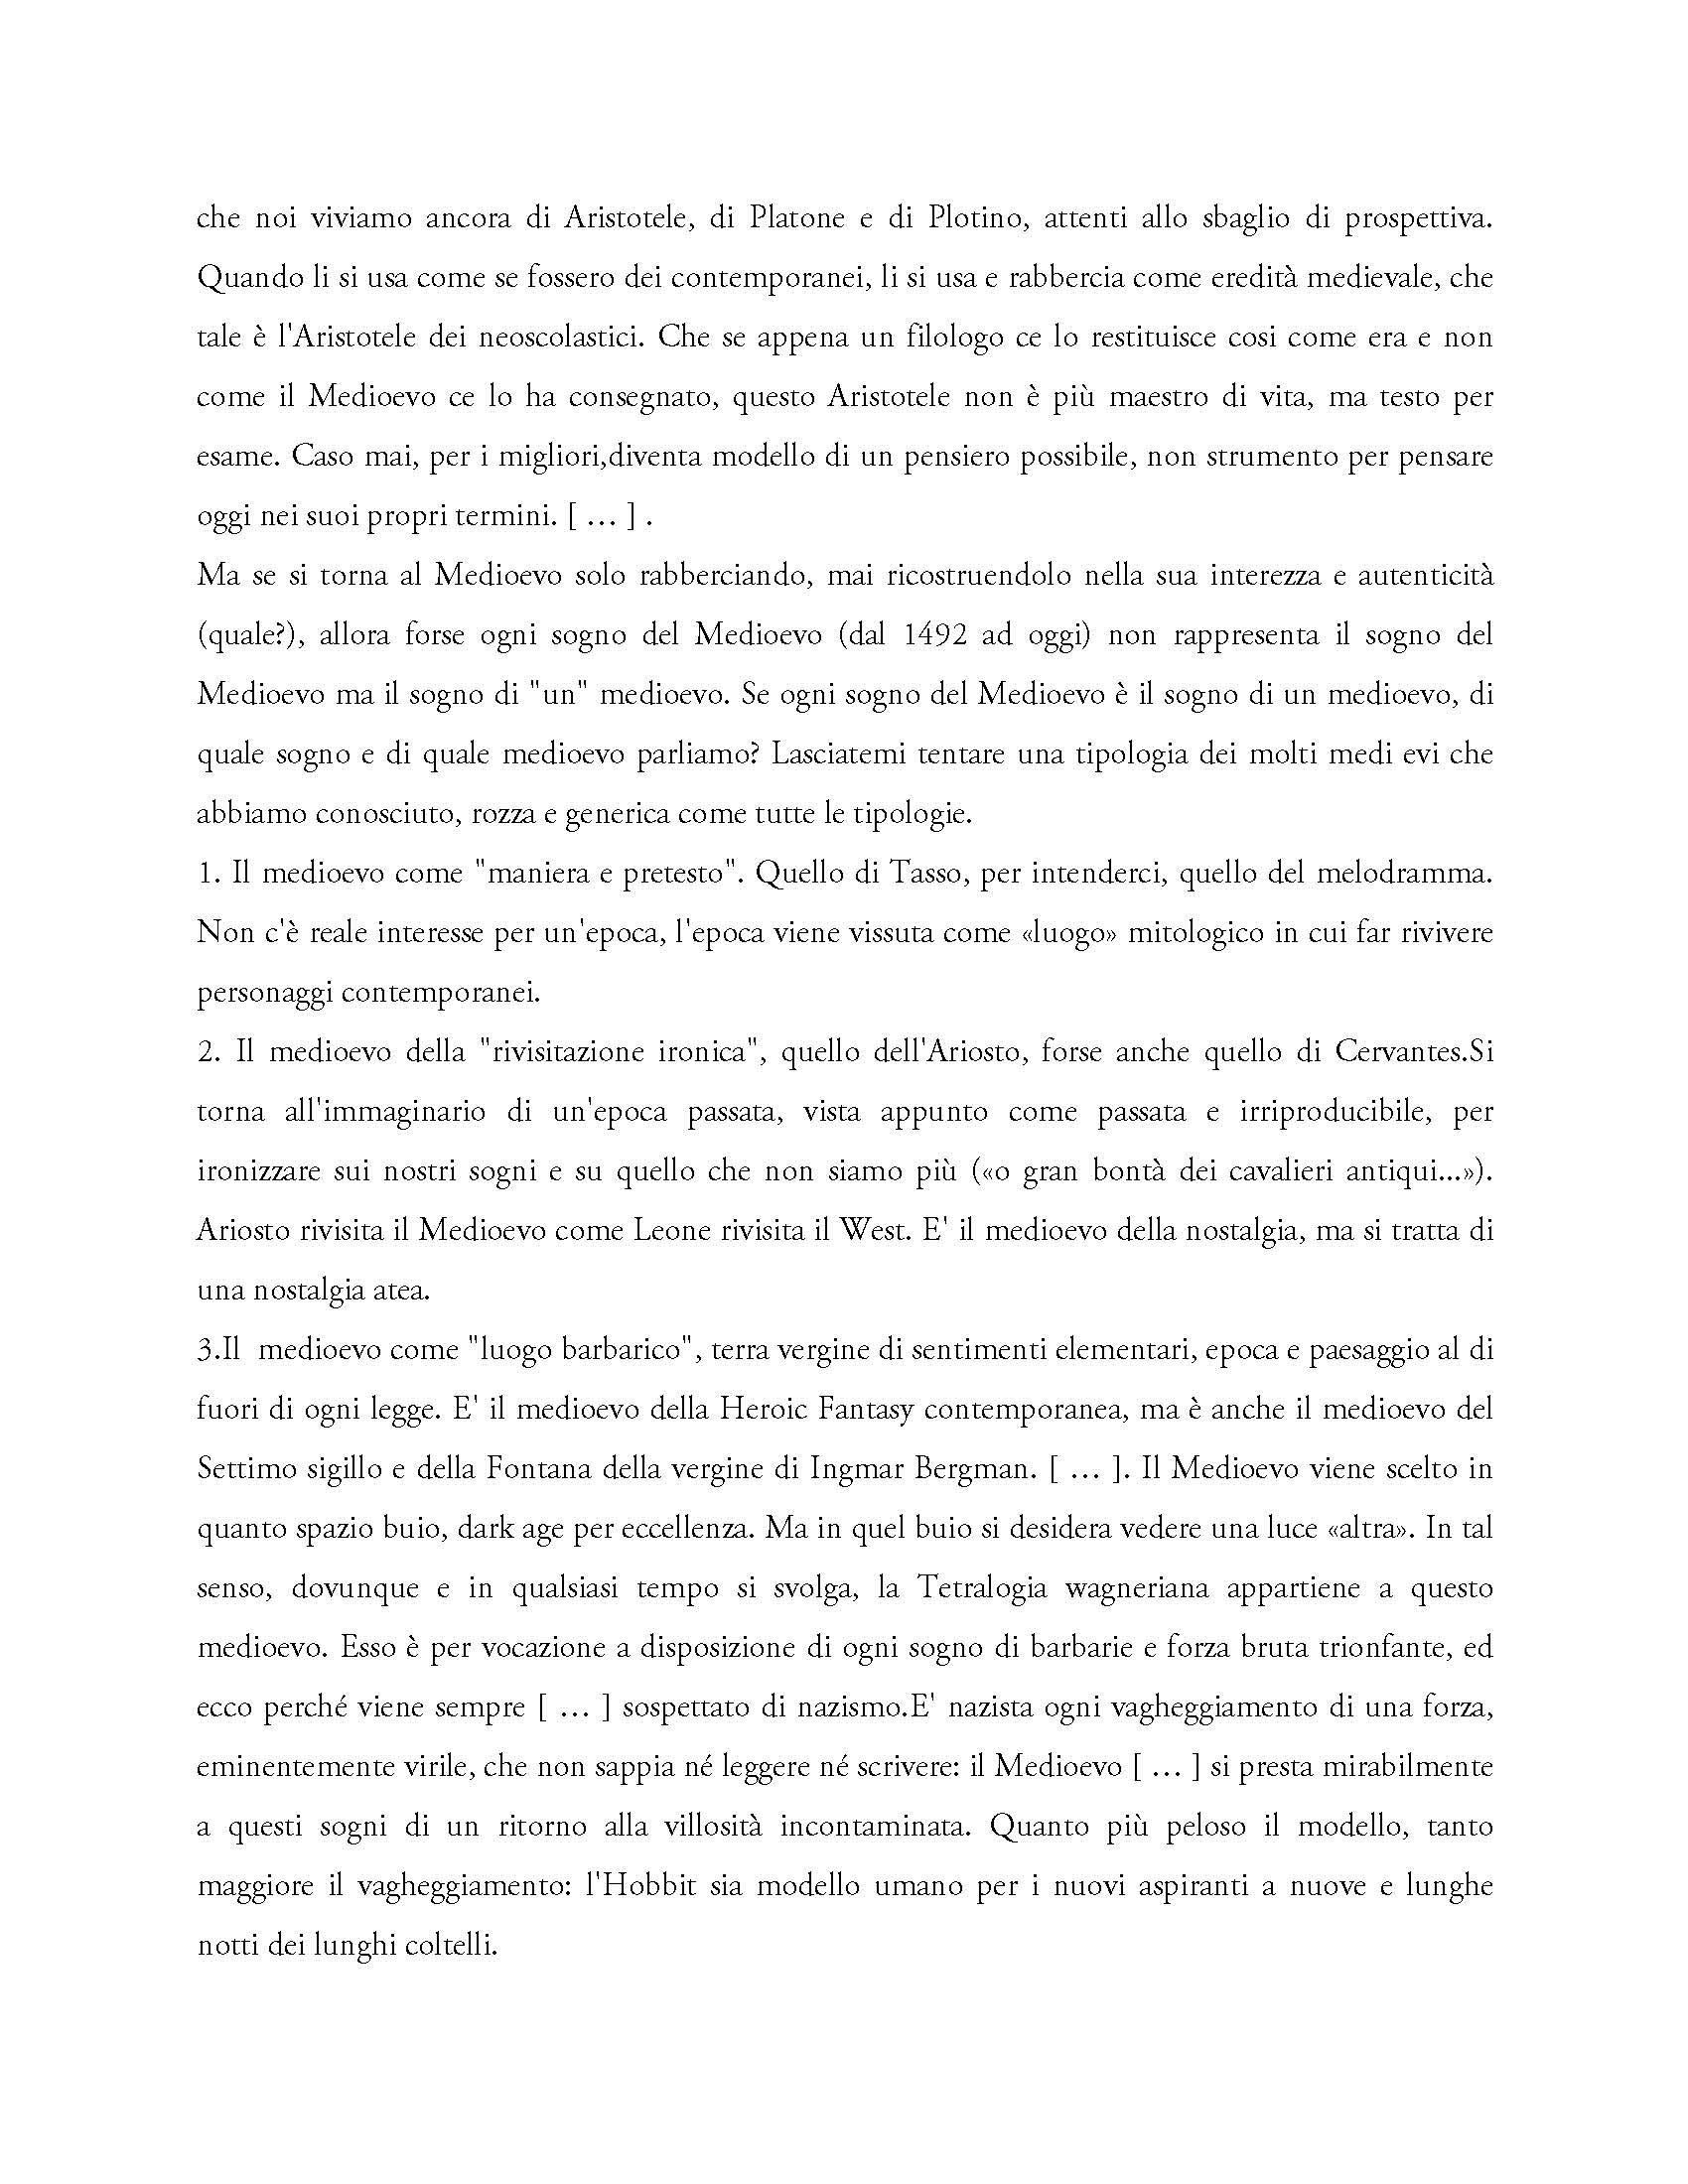 ECO__Dieci_modi_di_sognare_il_medioevo_Pagina_2